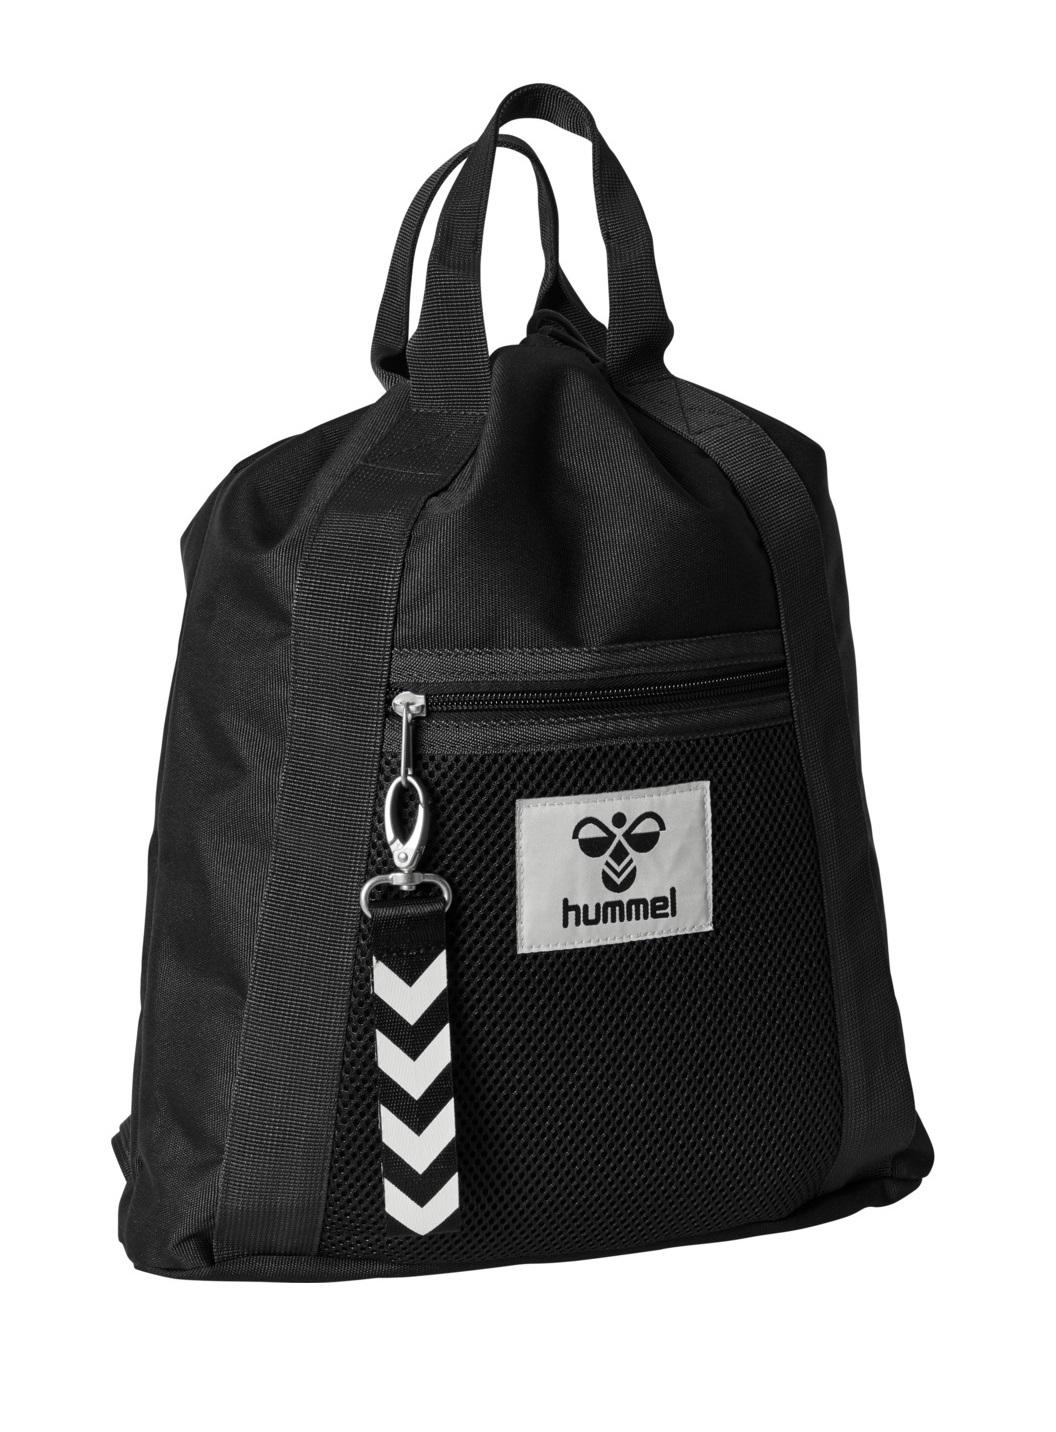 hummel HML Hiphop Gym Bag Black